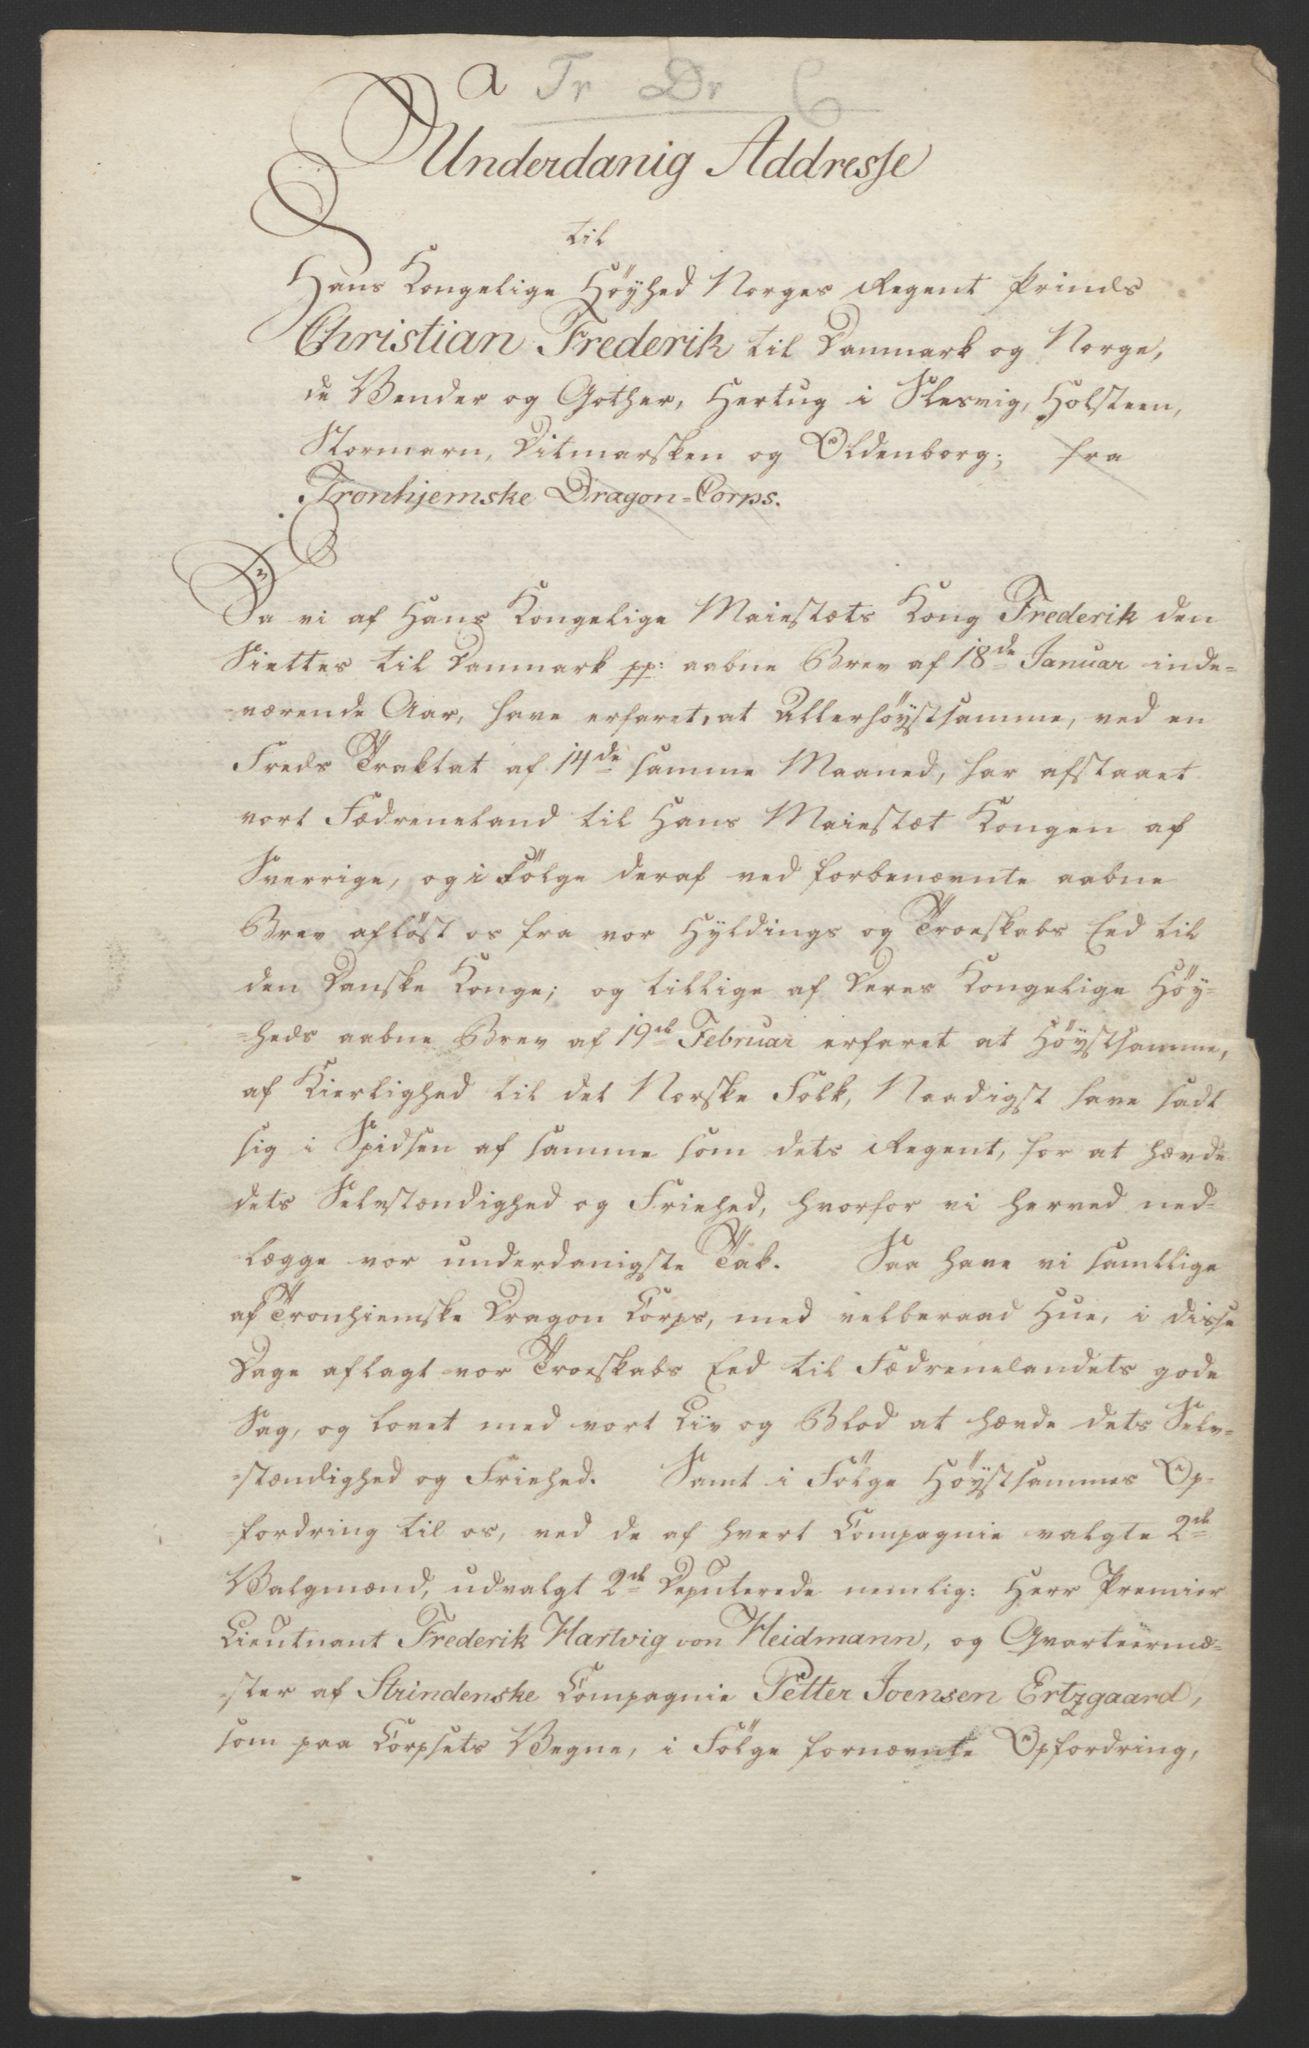 RA, Statsrådssekretariatet, D/Db/L0007: Fullmakter for Eidsvollsrepresentantene i 1814. , 1814, s. 116